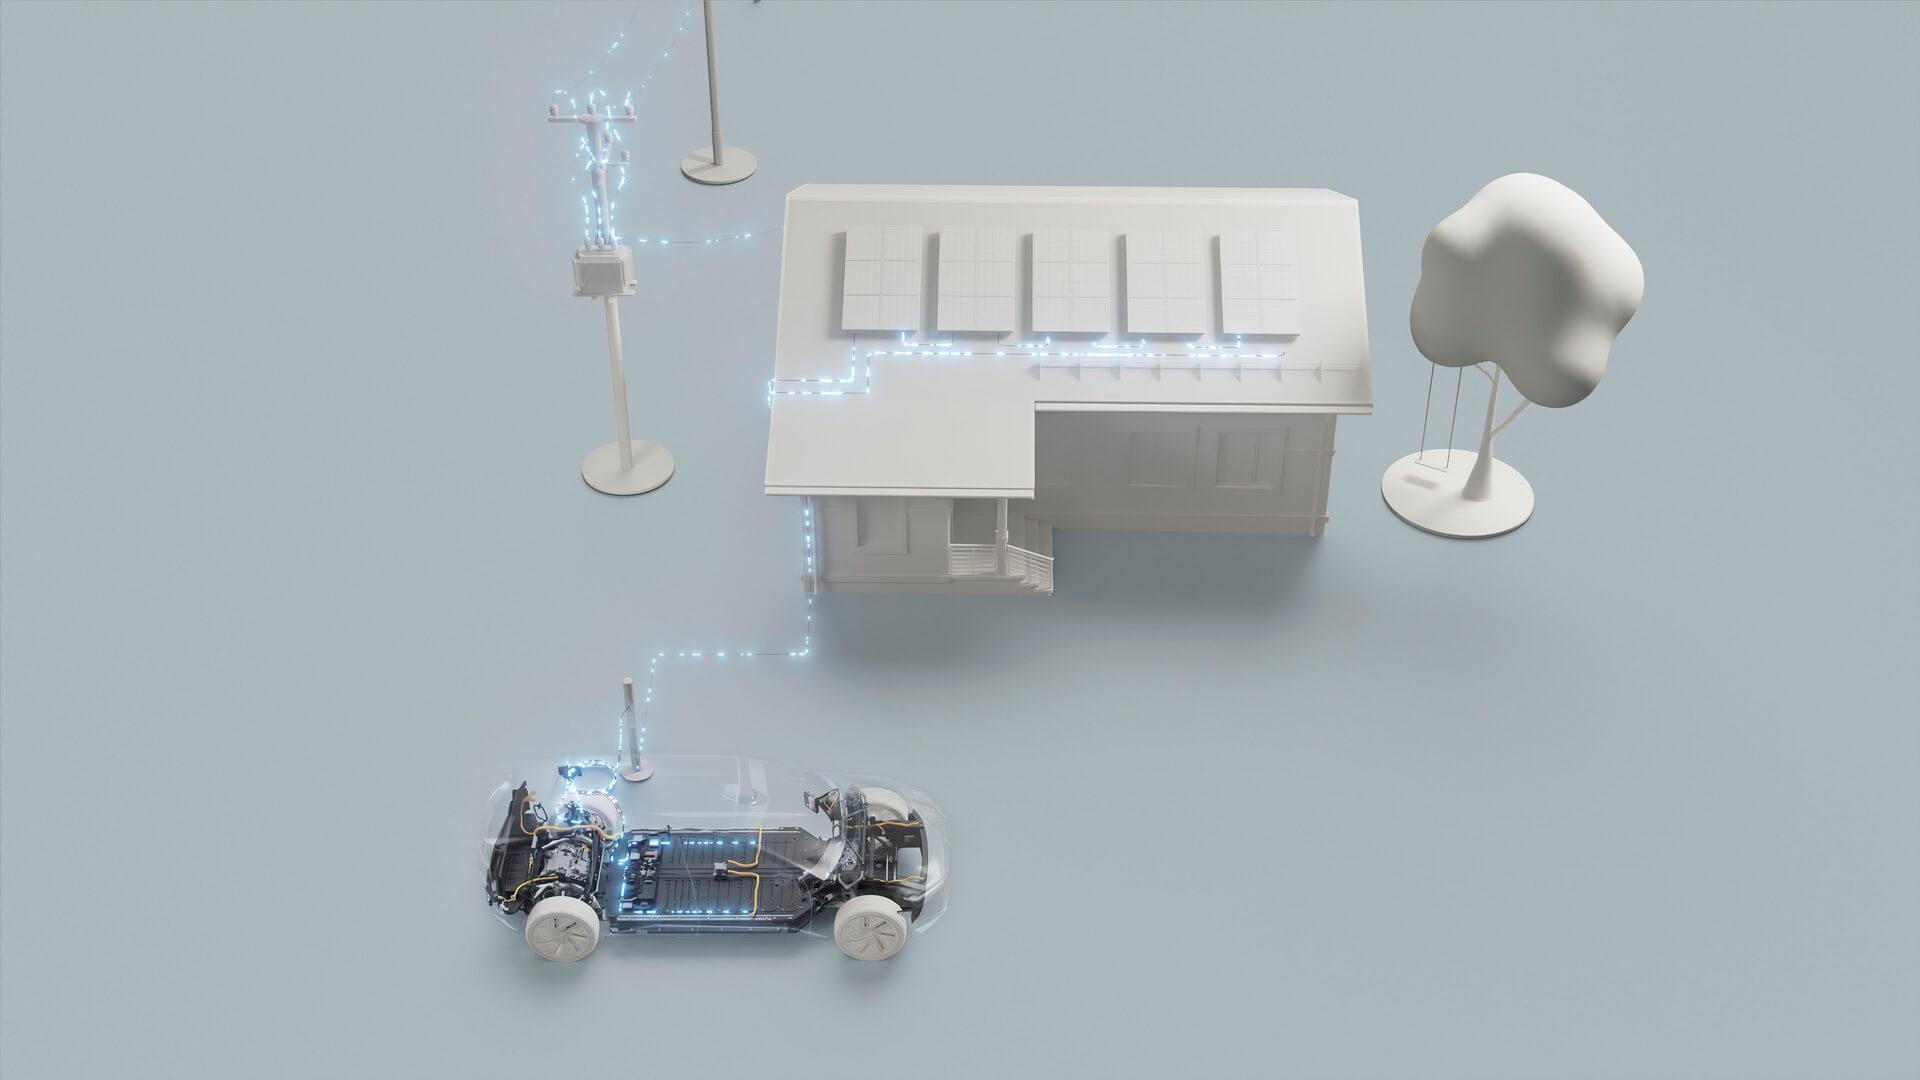 Электромобили Volvo следующего поколения предложат двунаправленную зарядку